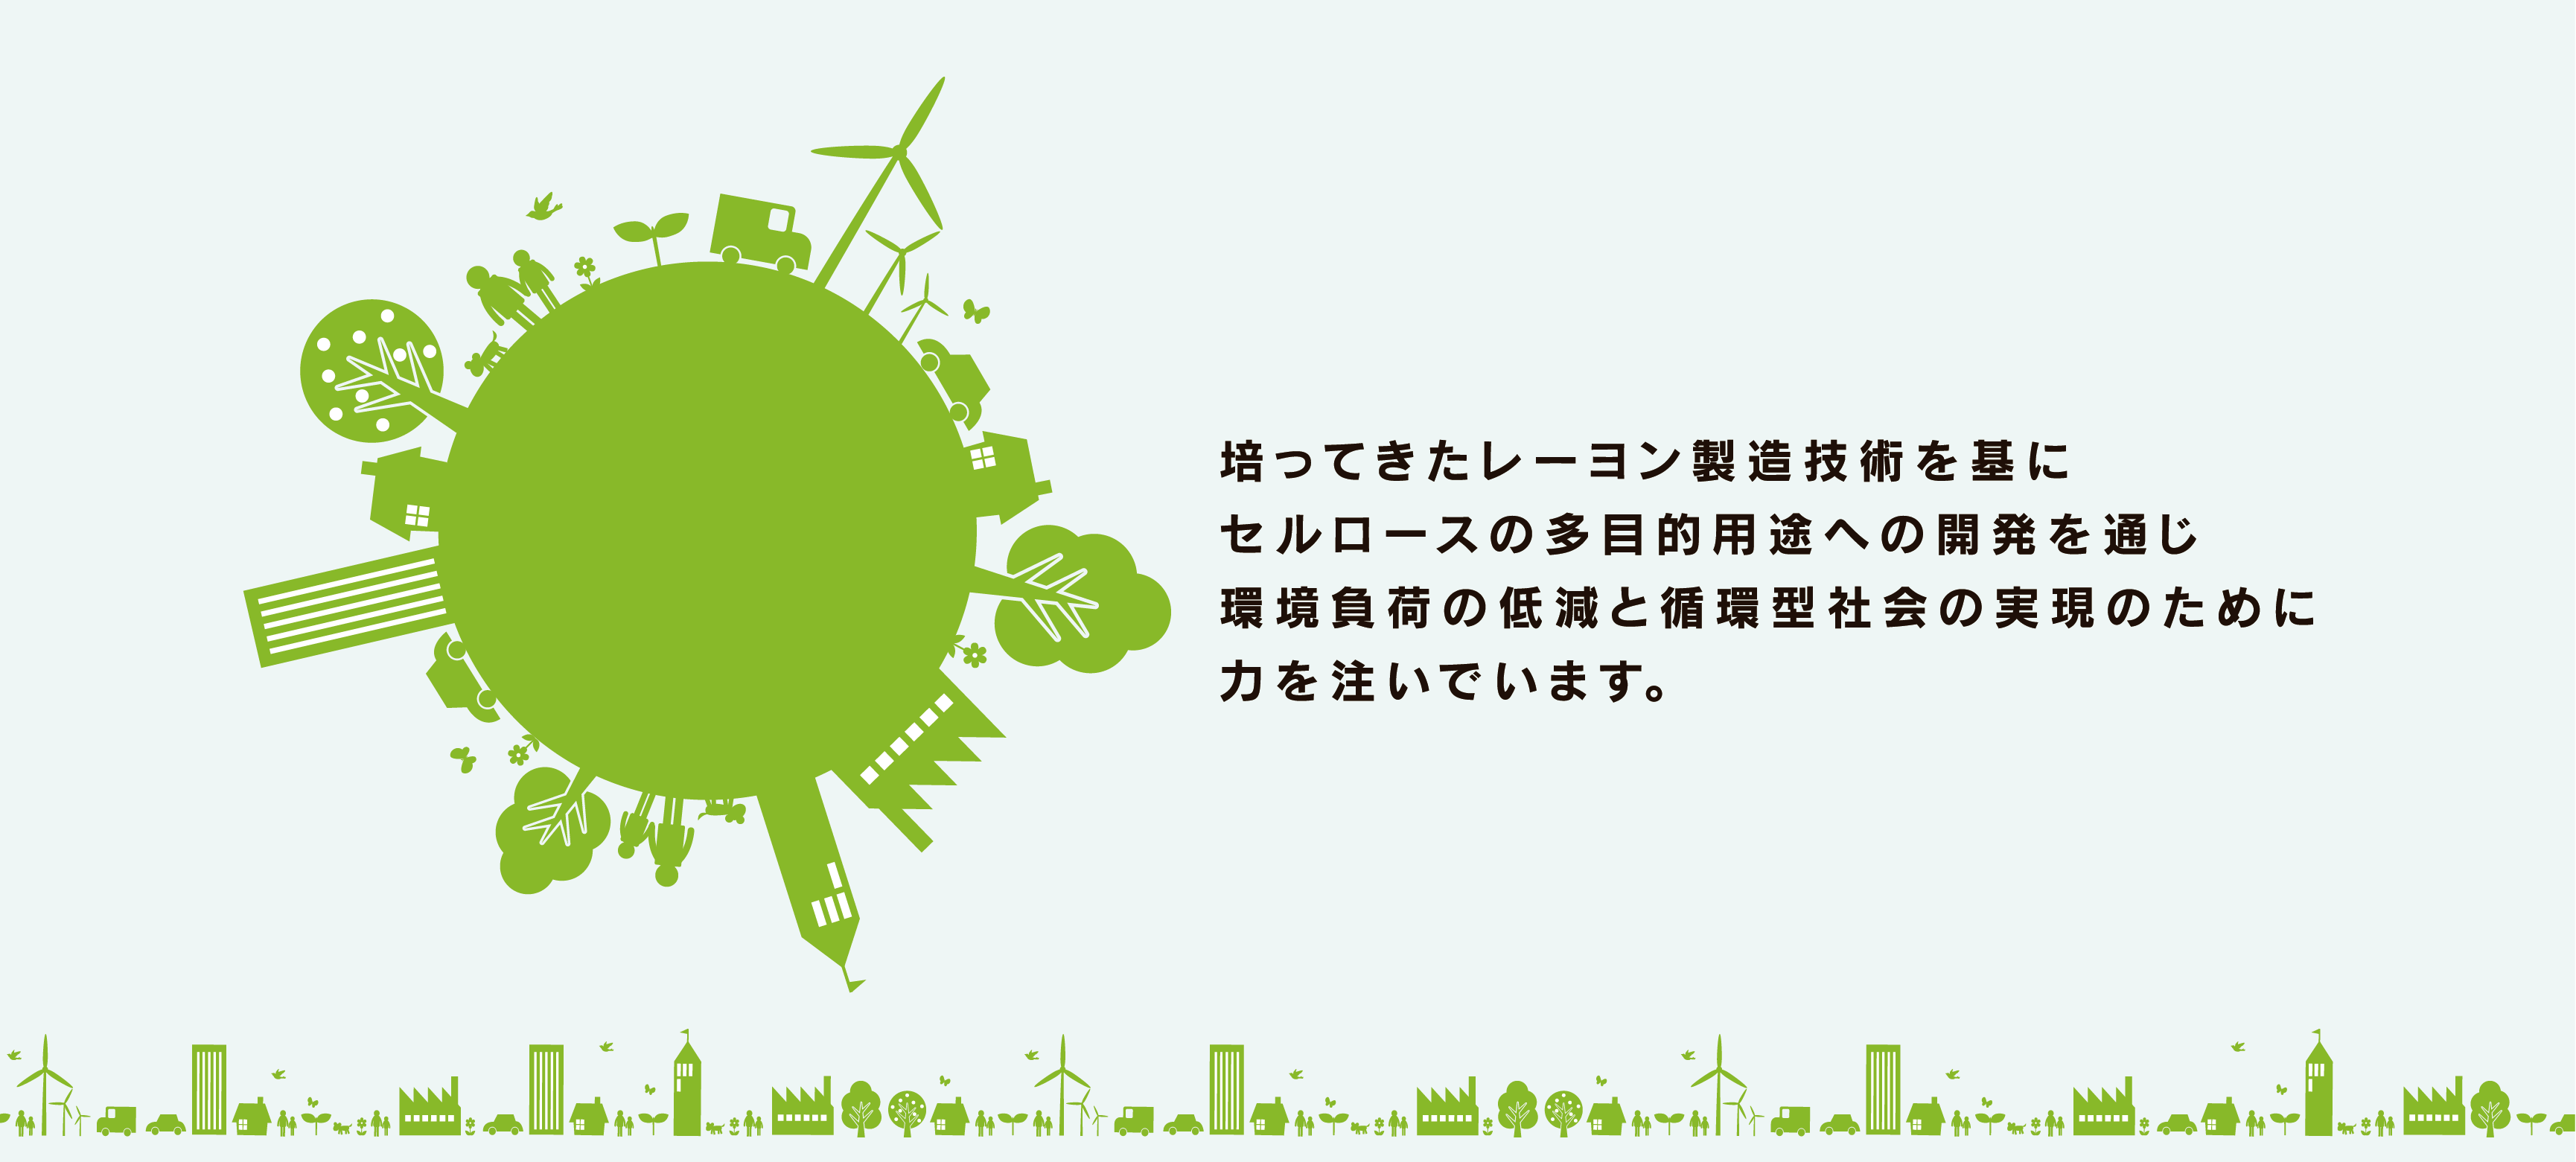 オーミケンシのレーヨンは「100%植物由来」。環境負荷の低減と循環型社会の実現のために力を注いでいます。